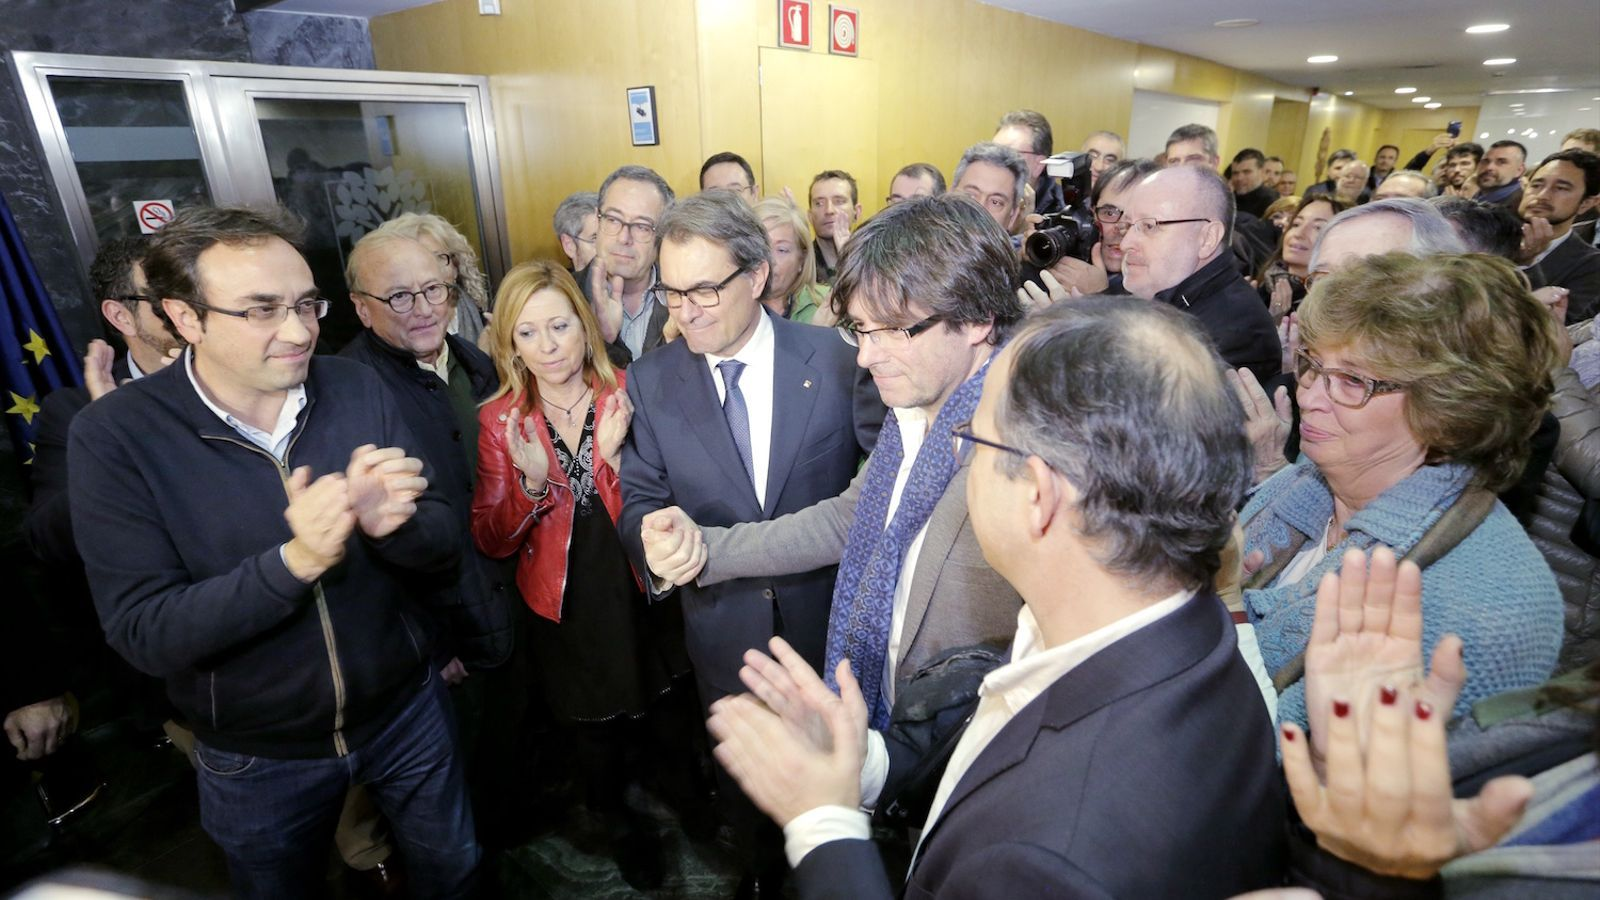 Artur Mas i Carles Puigdemont, ahir a la tarda a la seu de CDC, després d'anunciar que l'alcalde de Girona serà finalment el president de la Generalitat / MANOLO GARCÍA